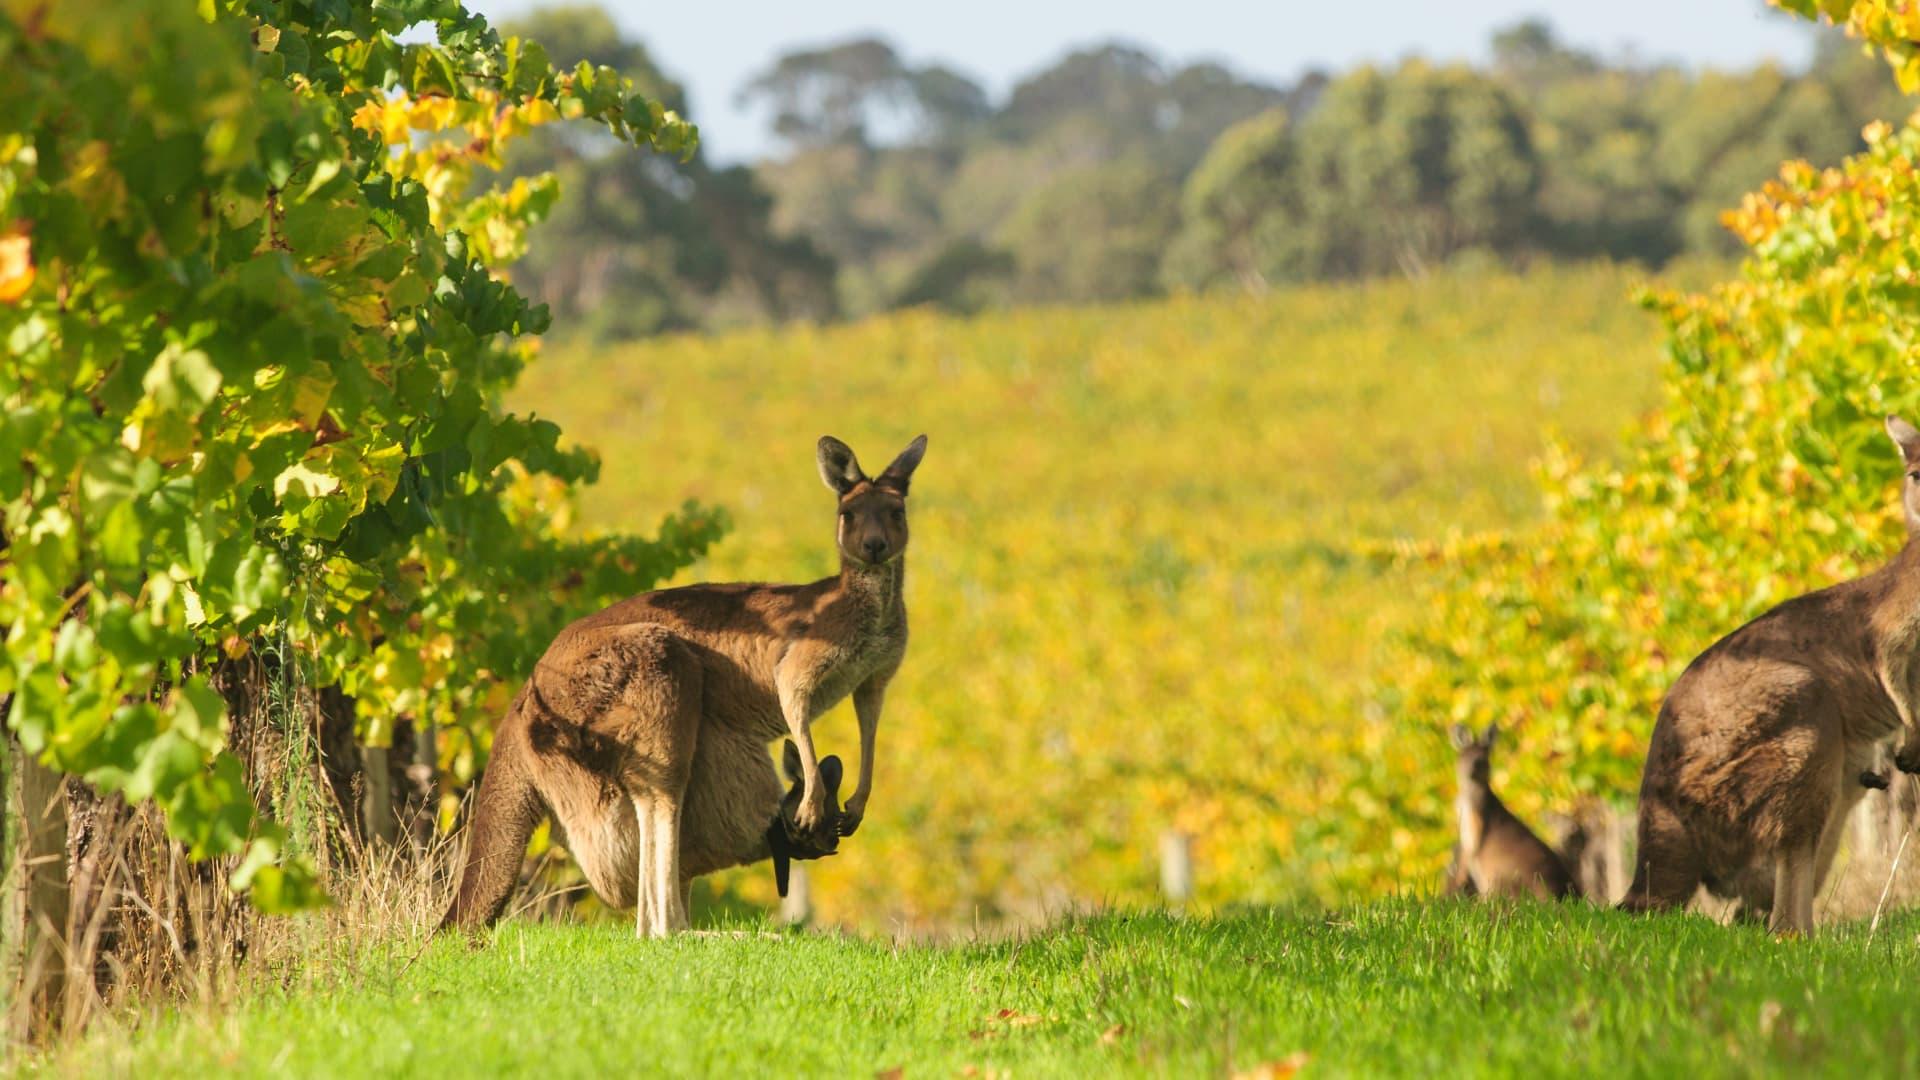 Kangaroos grazing in vineyards in Margaret River, Western Australia.